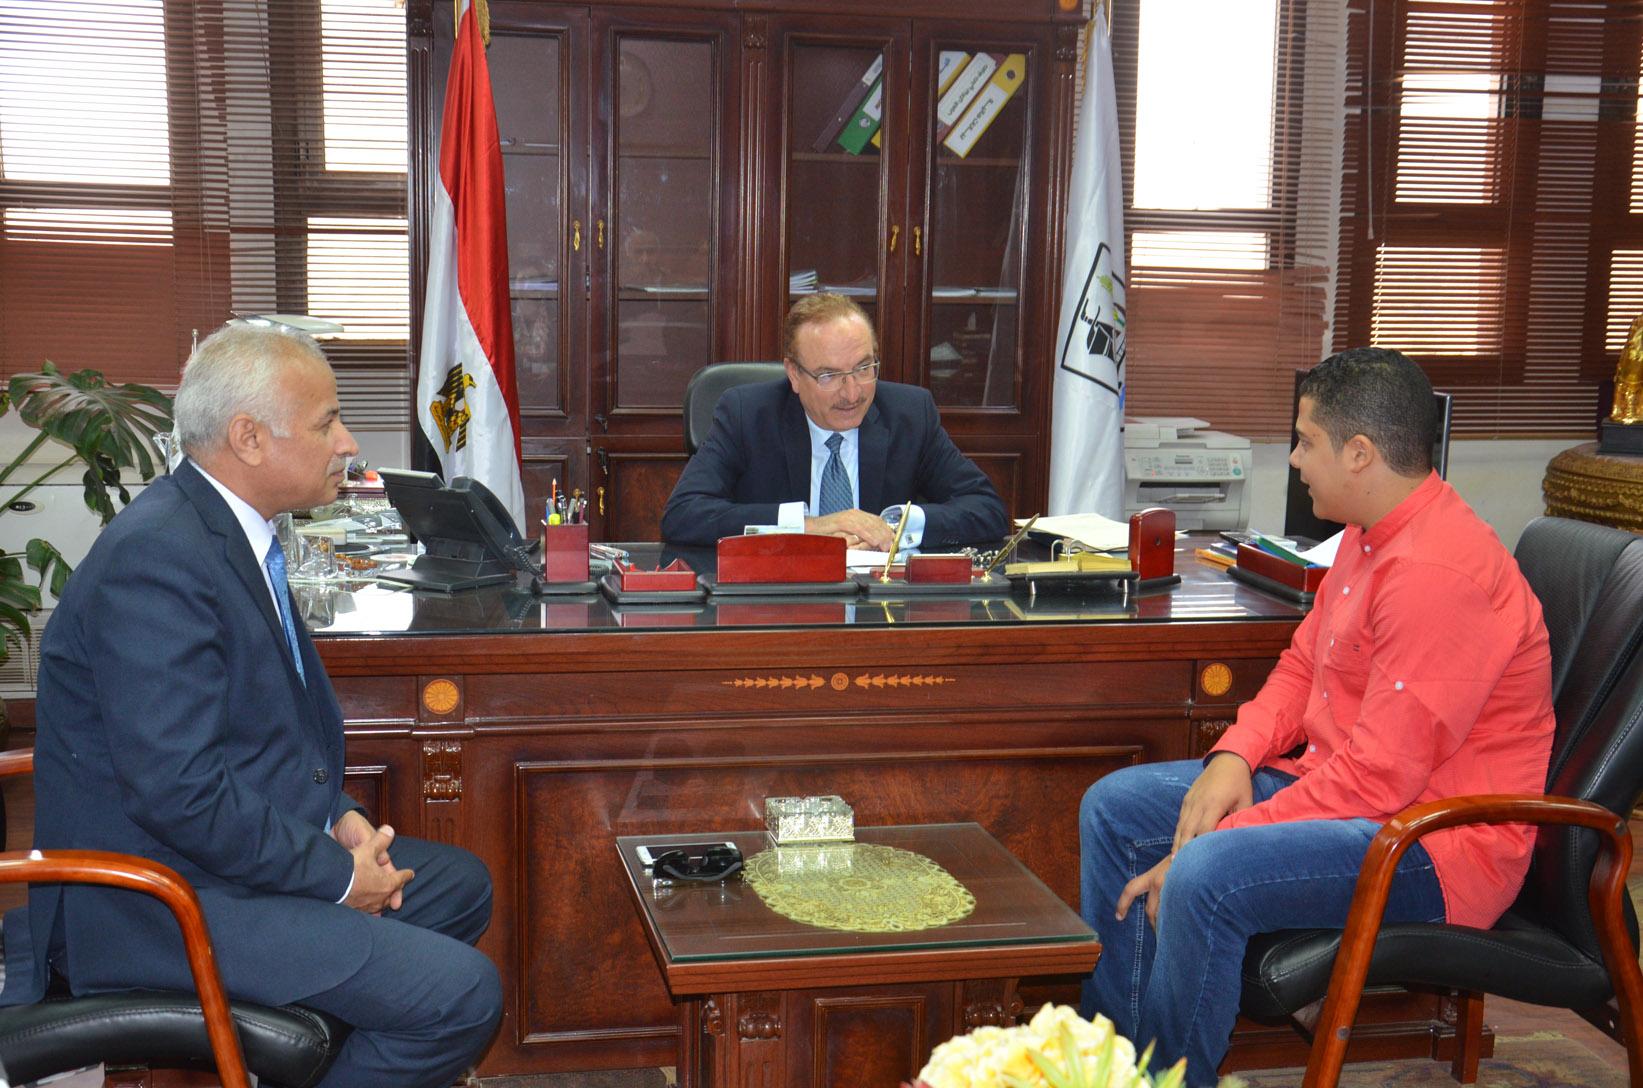 محافظ بنى سويف يستقبل الحاصل على المركز الأول على مستوى الجمهورية فى التعليم الصناعى (1)